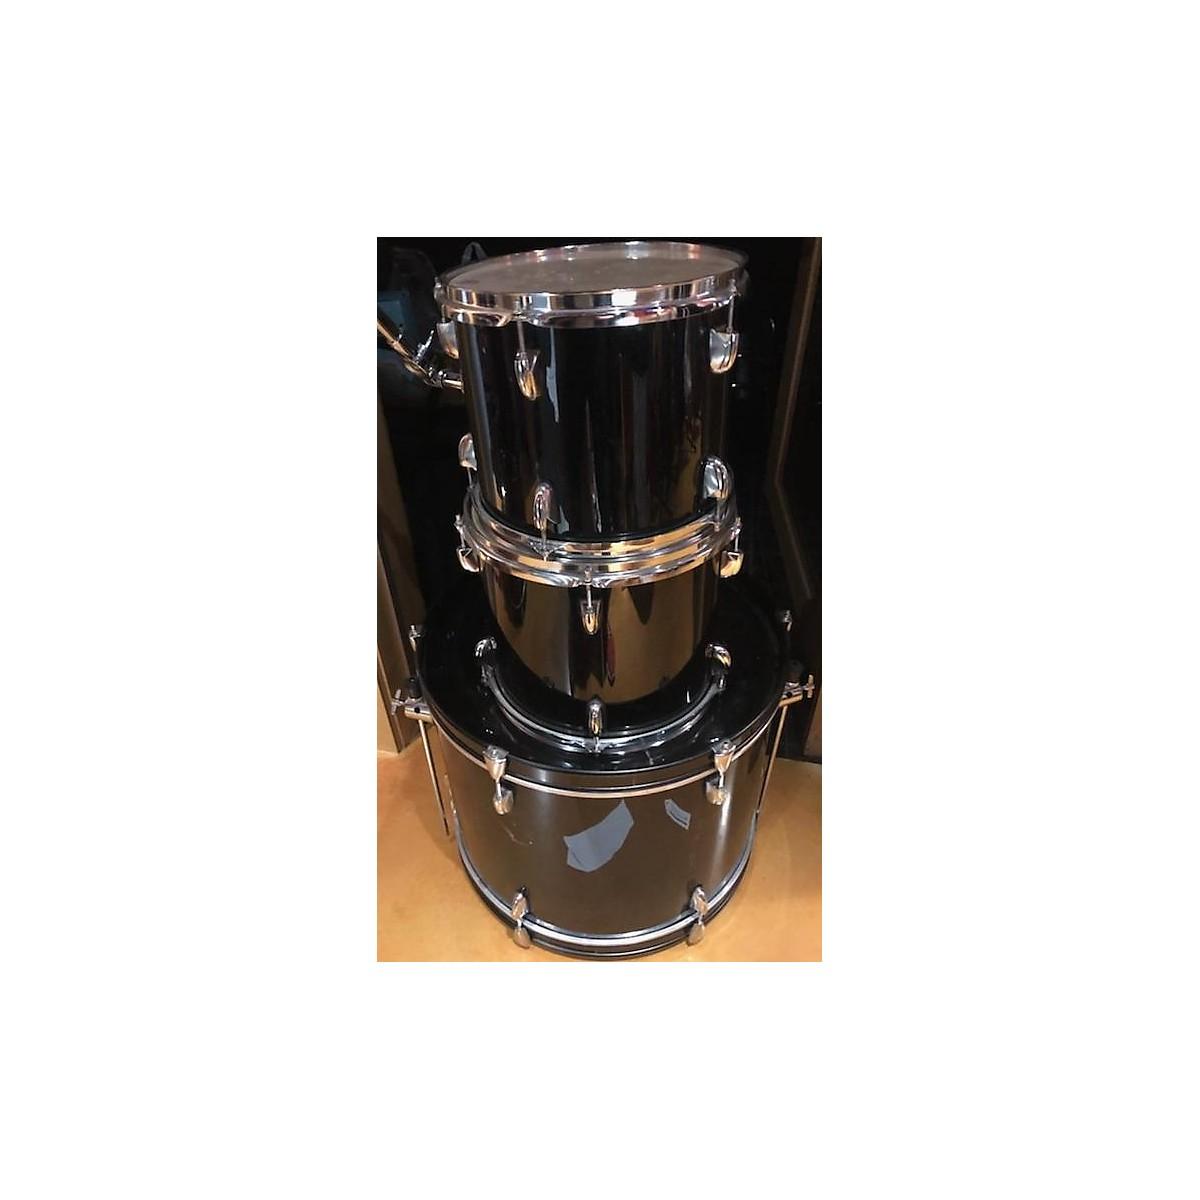 Starcaster by Fender Starcaster Drum Kit